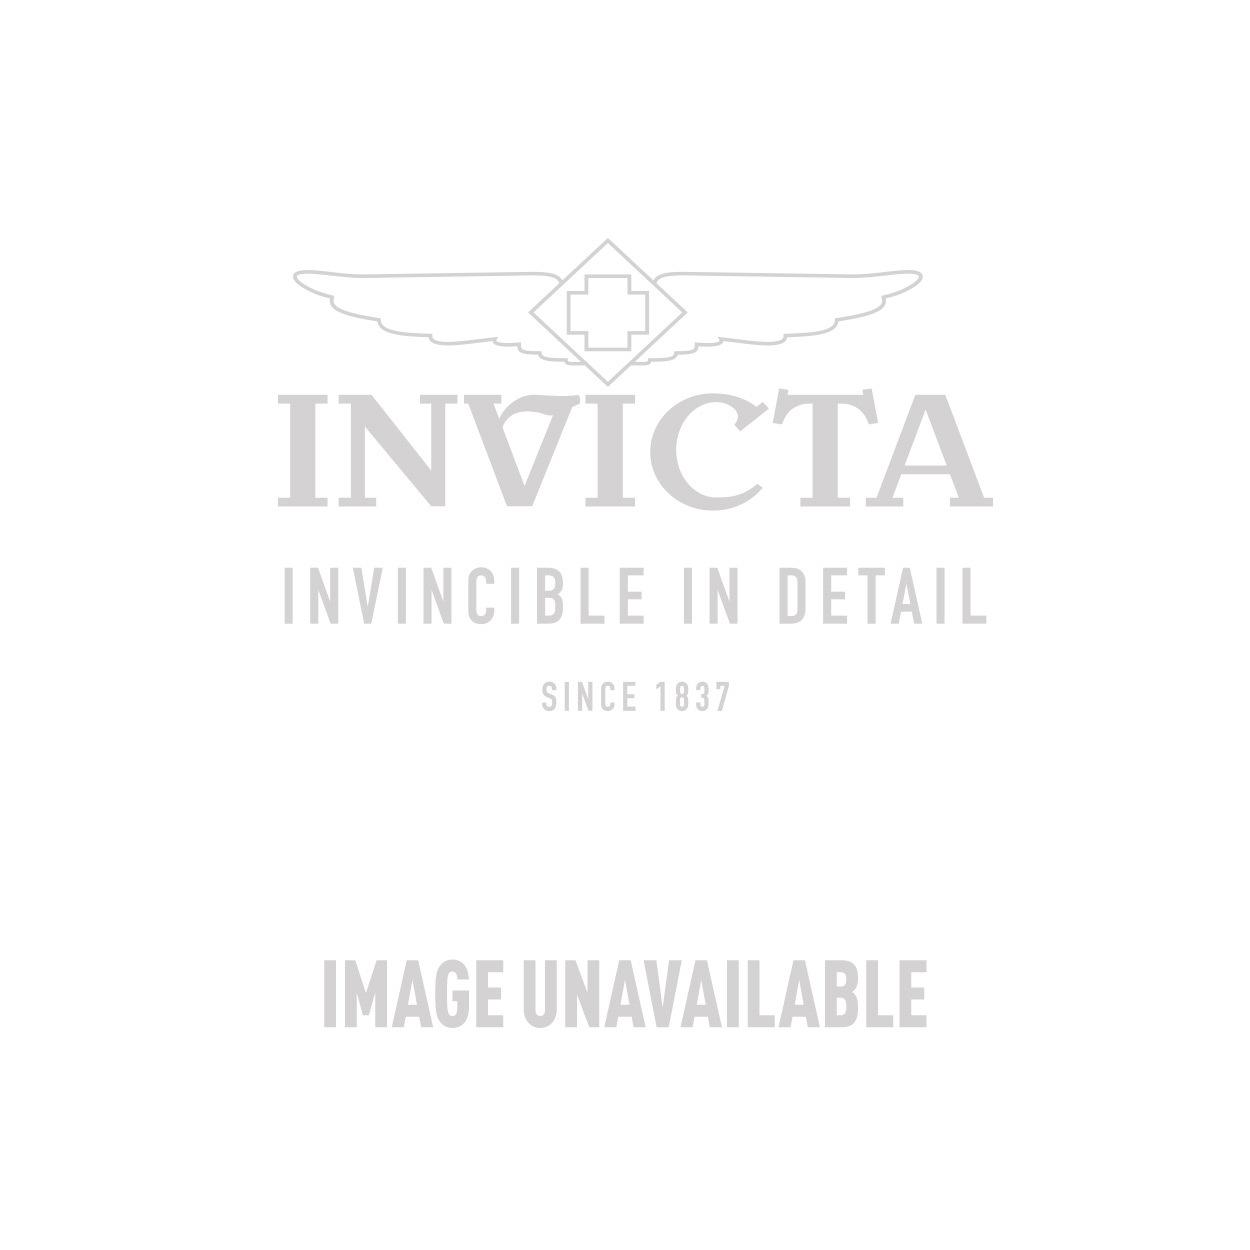 Invicta Model 27992